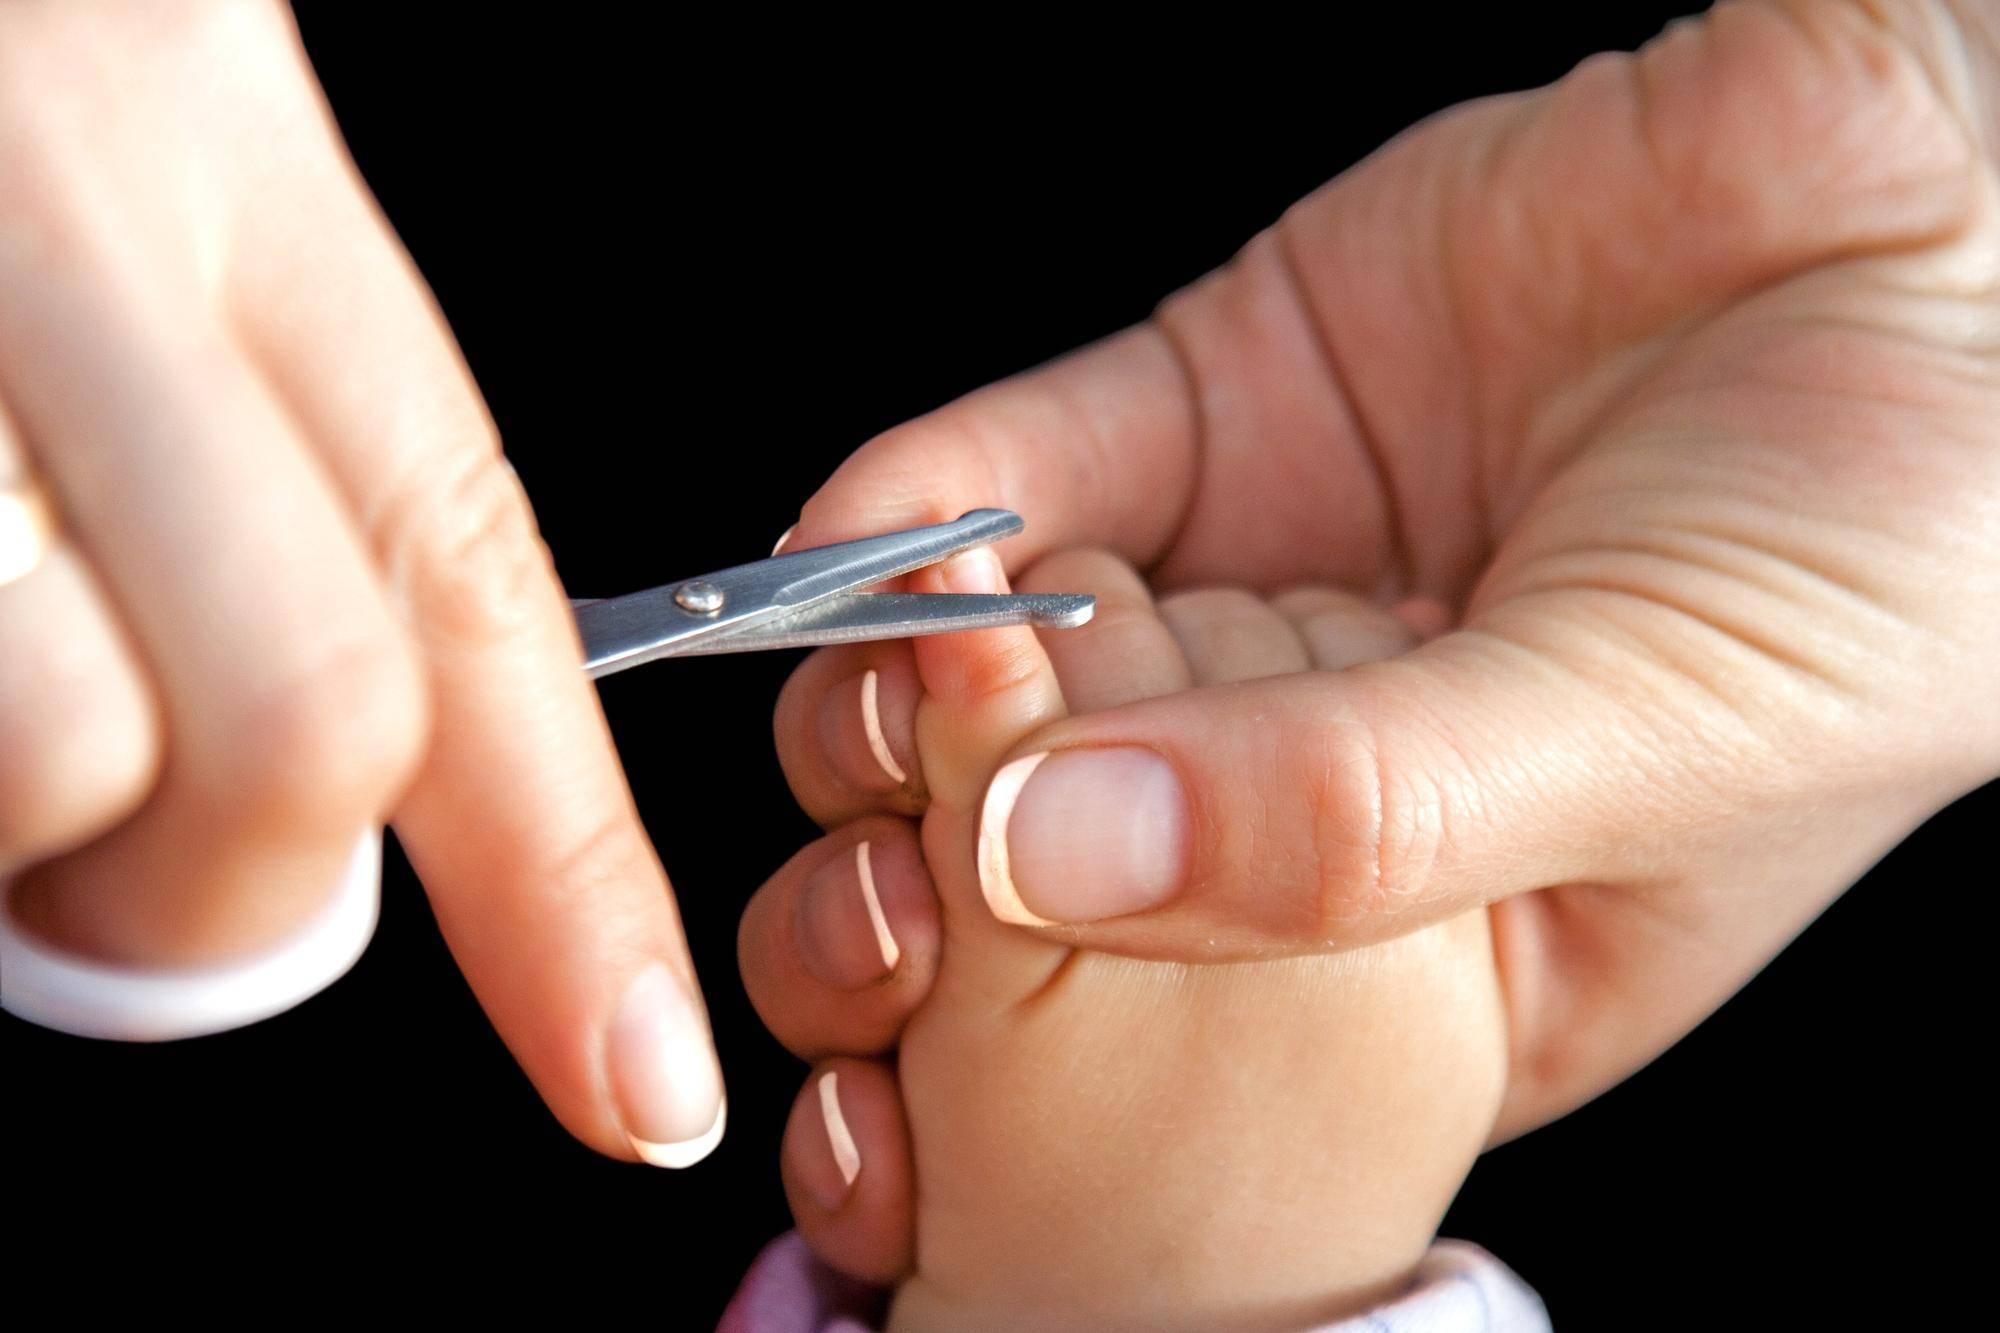 Как правильно подстригать ногти новорожденному